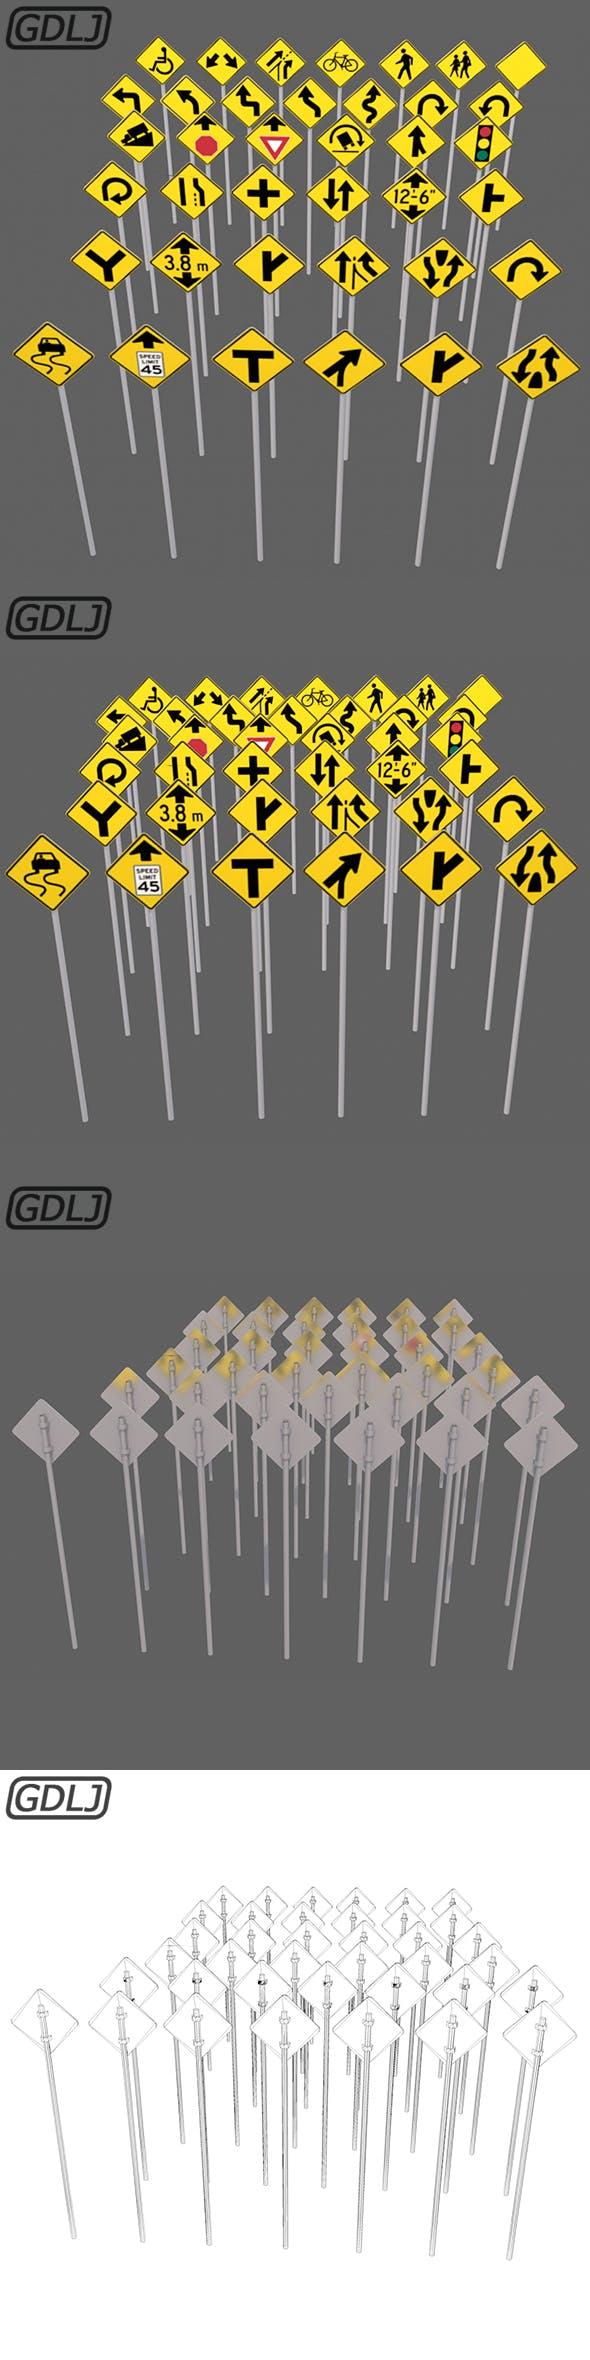 38 Road signs 3D Models game assets - 3DOcean Item for Sale